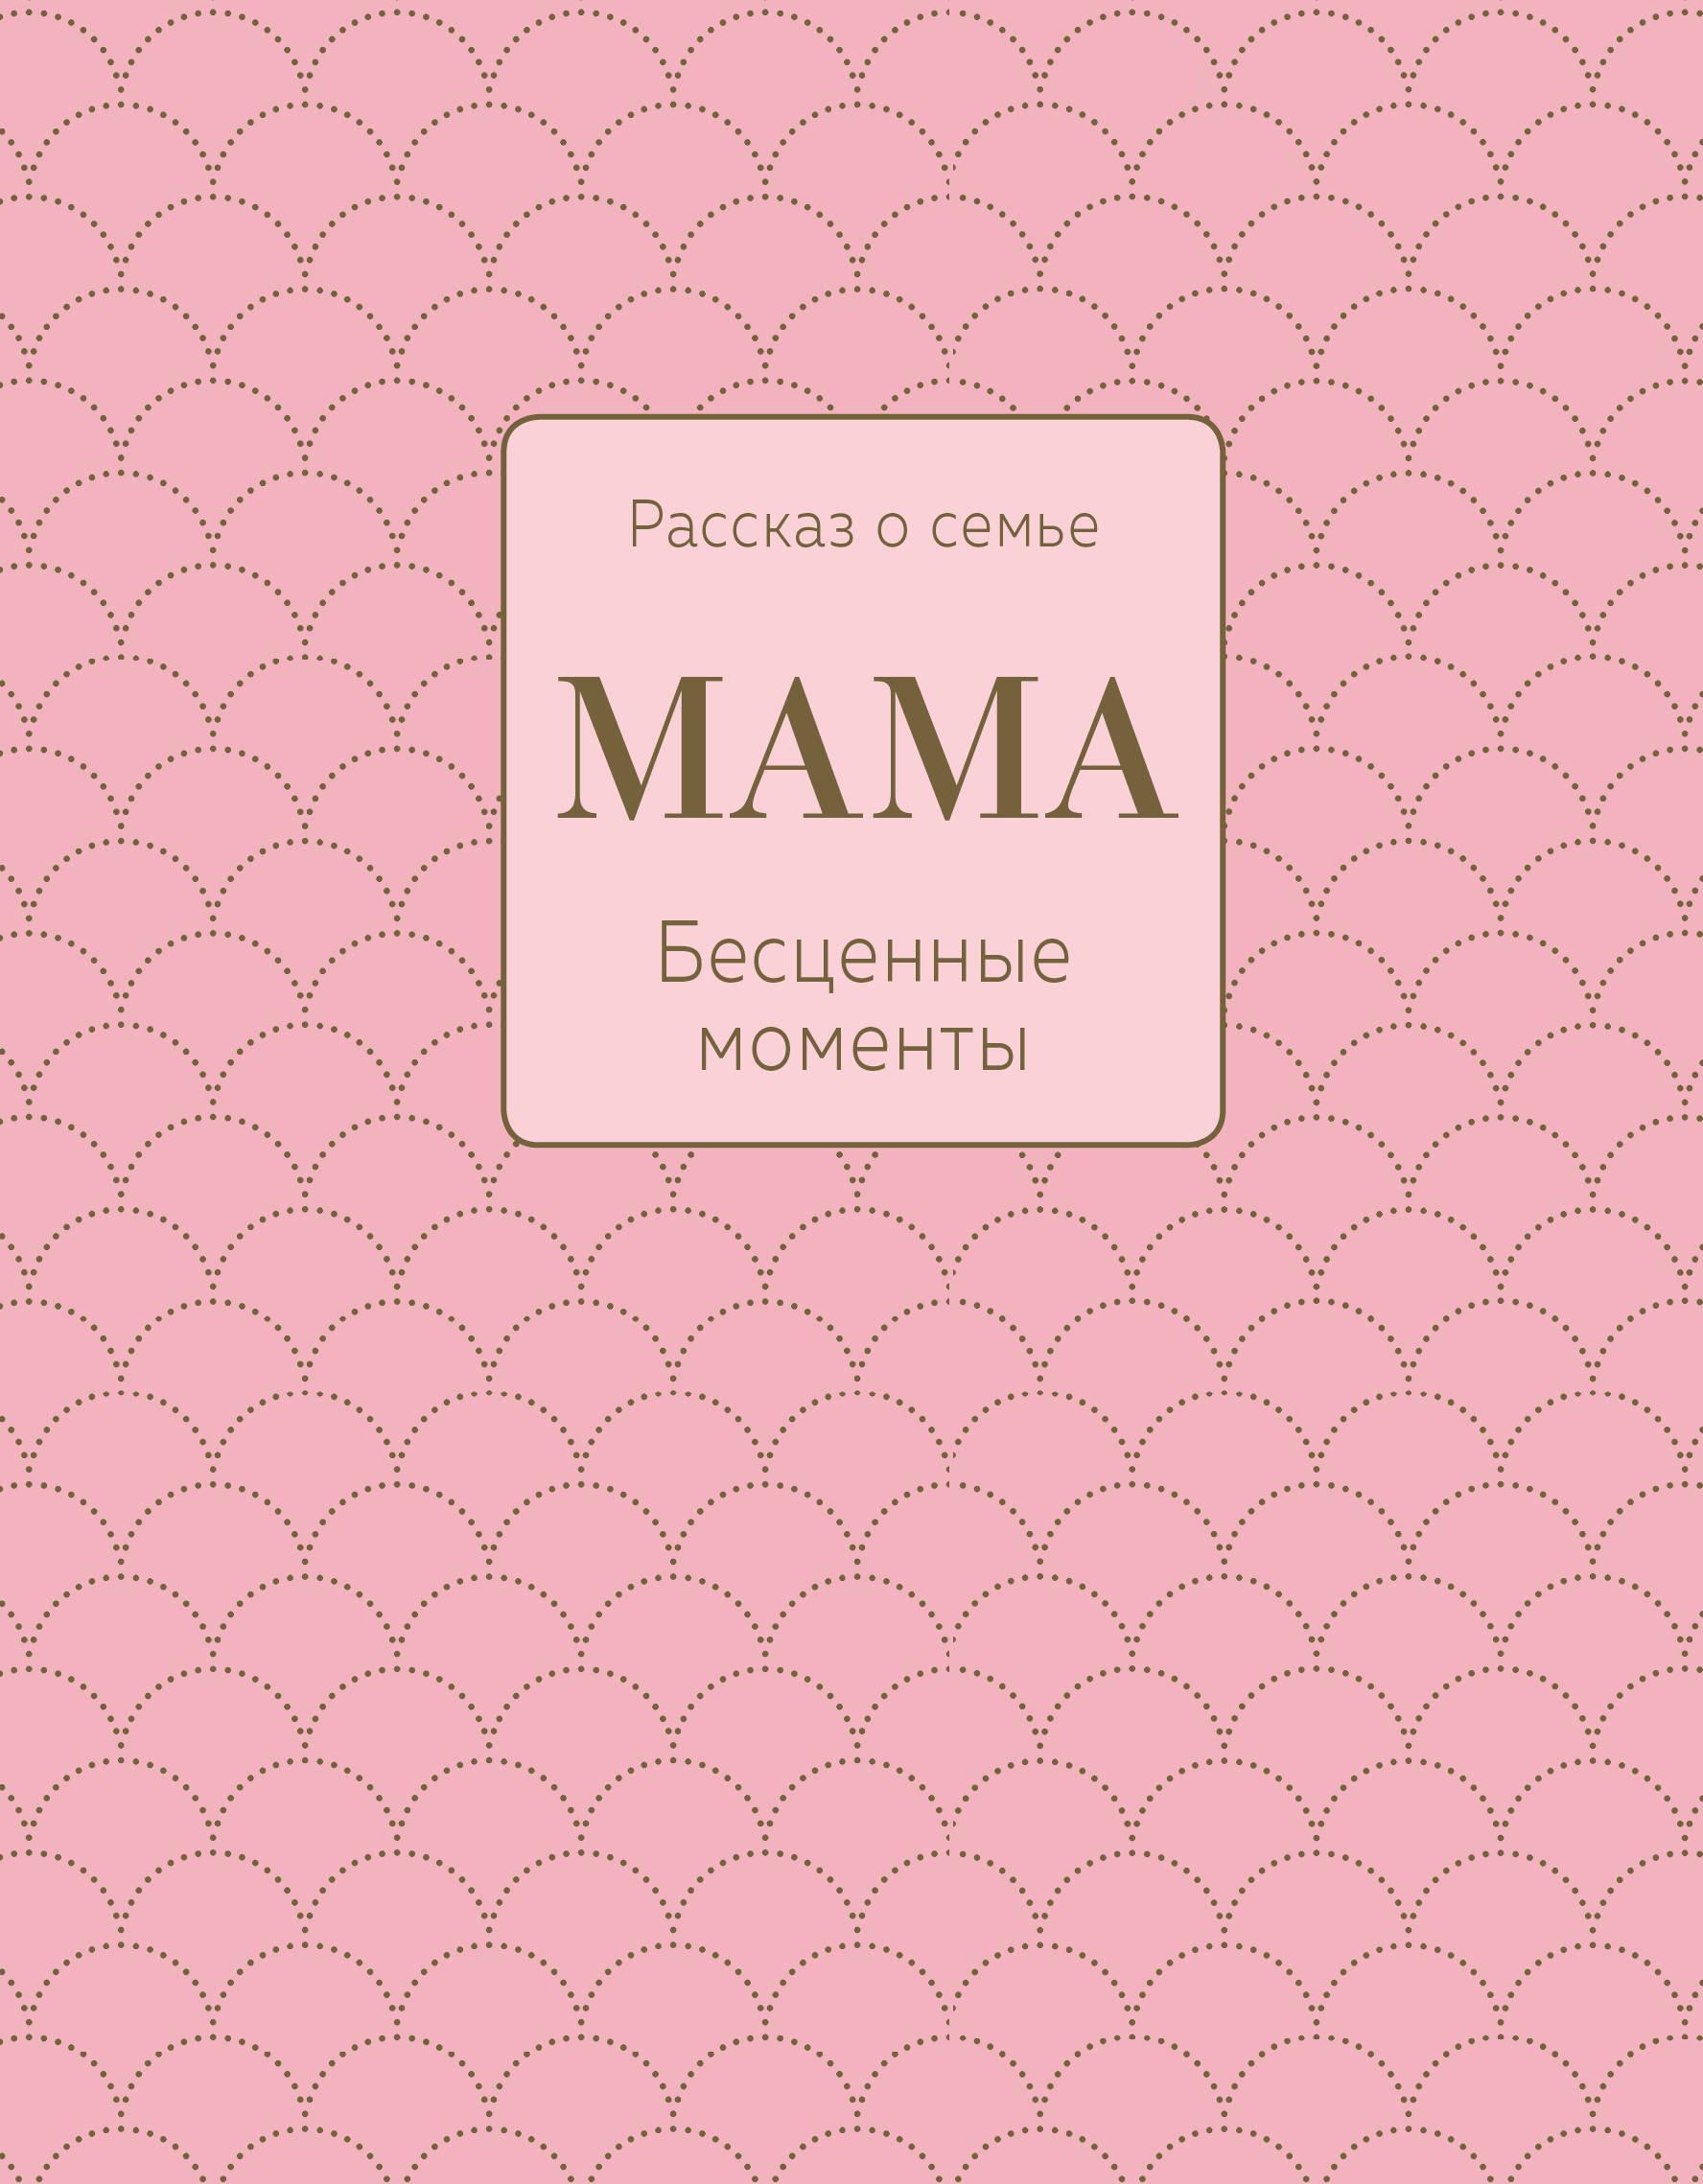 Мама. Рассказ о семье (оф.1)